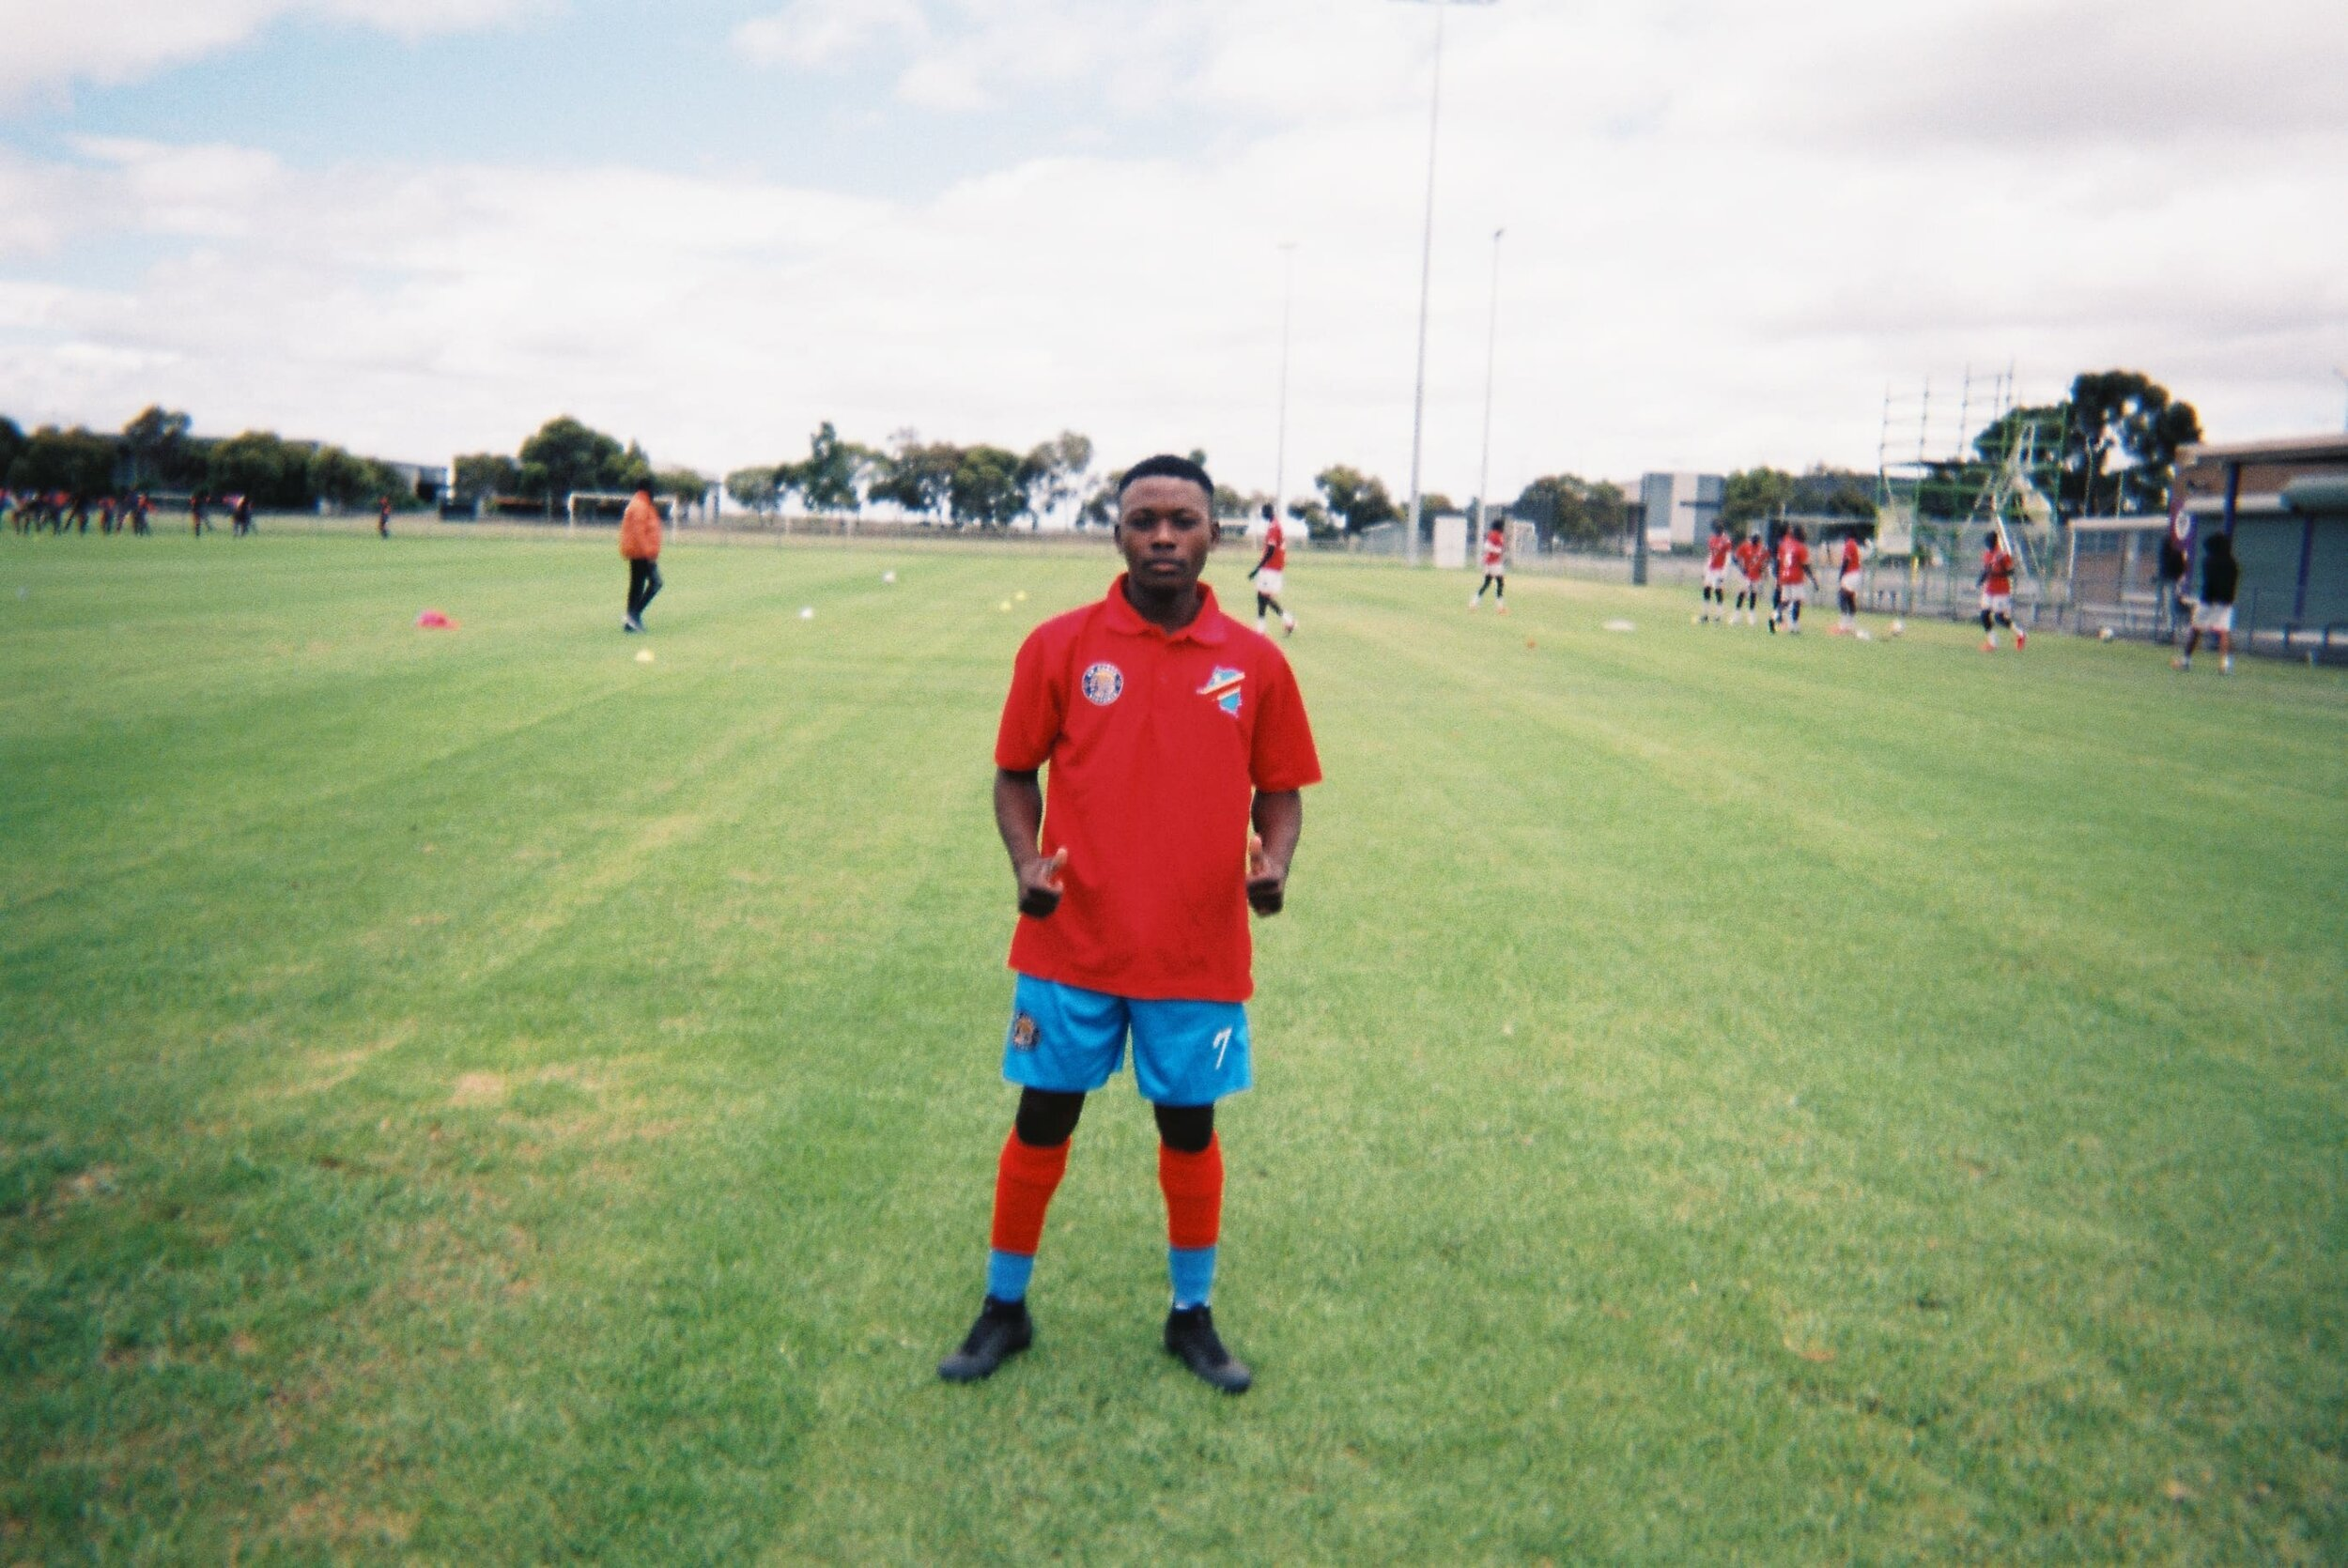 Αυστραλία - Football Victoria - Eangano 13.jpg